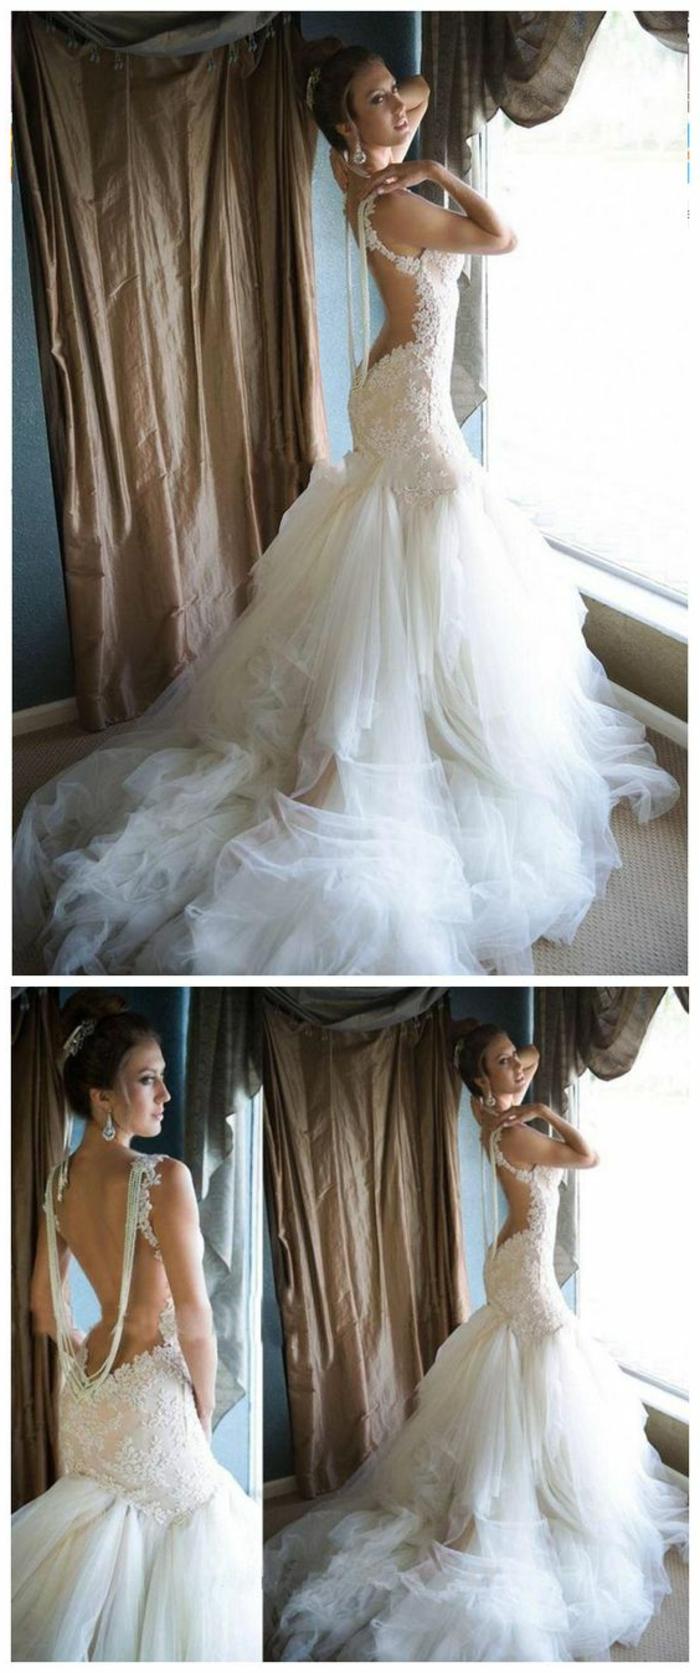 robe sirène dentelle, robe mariée fourreau, coupe qui met en relief les courbes des fesses, bretelles fines ornées de pierres Swarovski